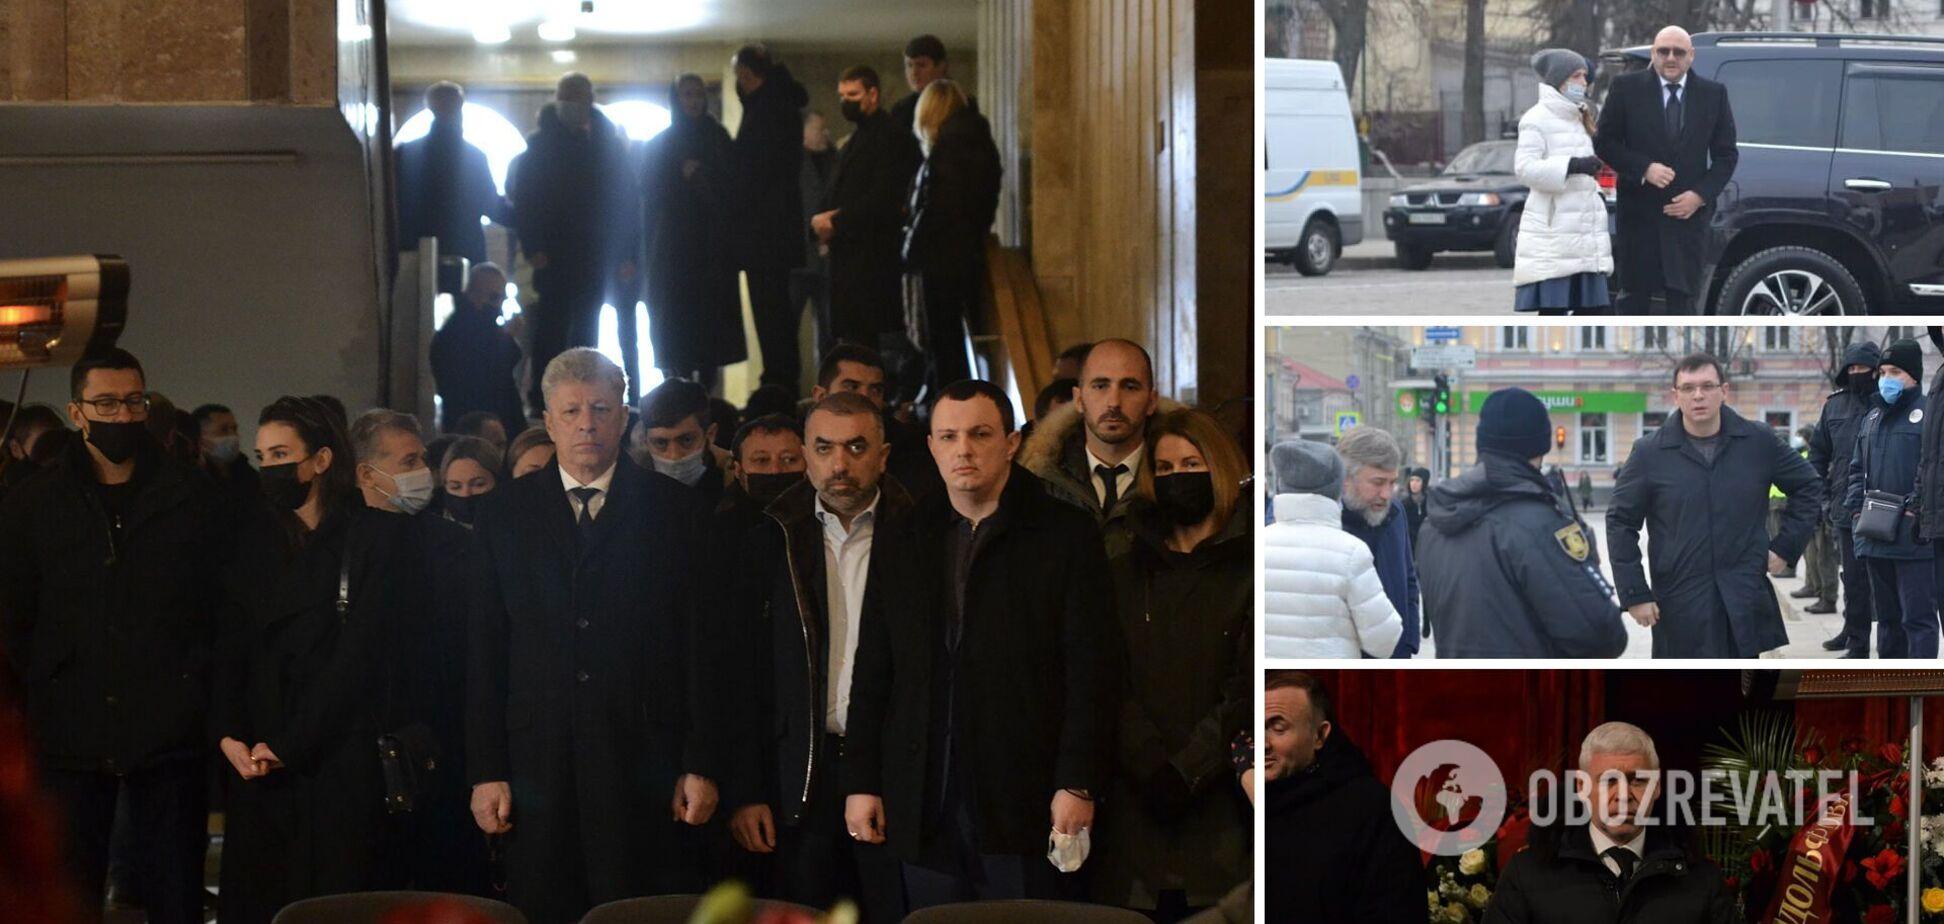 Политики на похоронах Кернеса